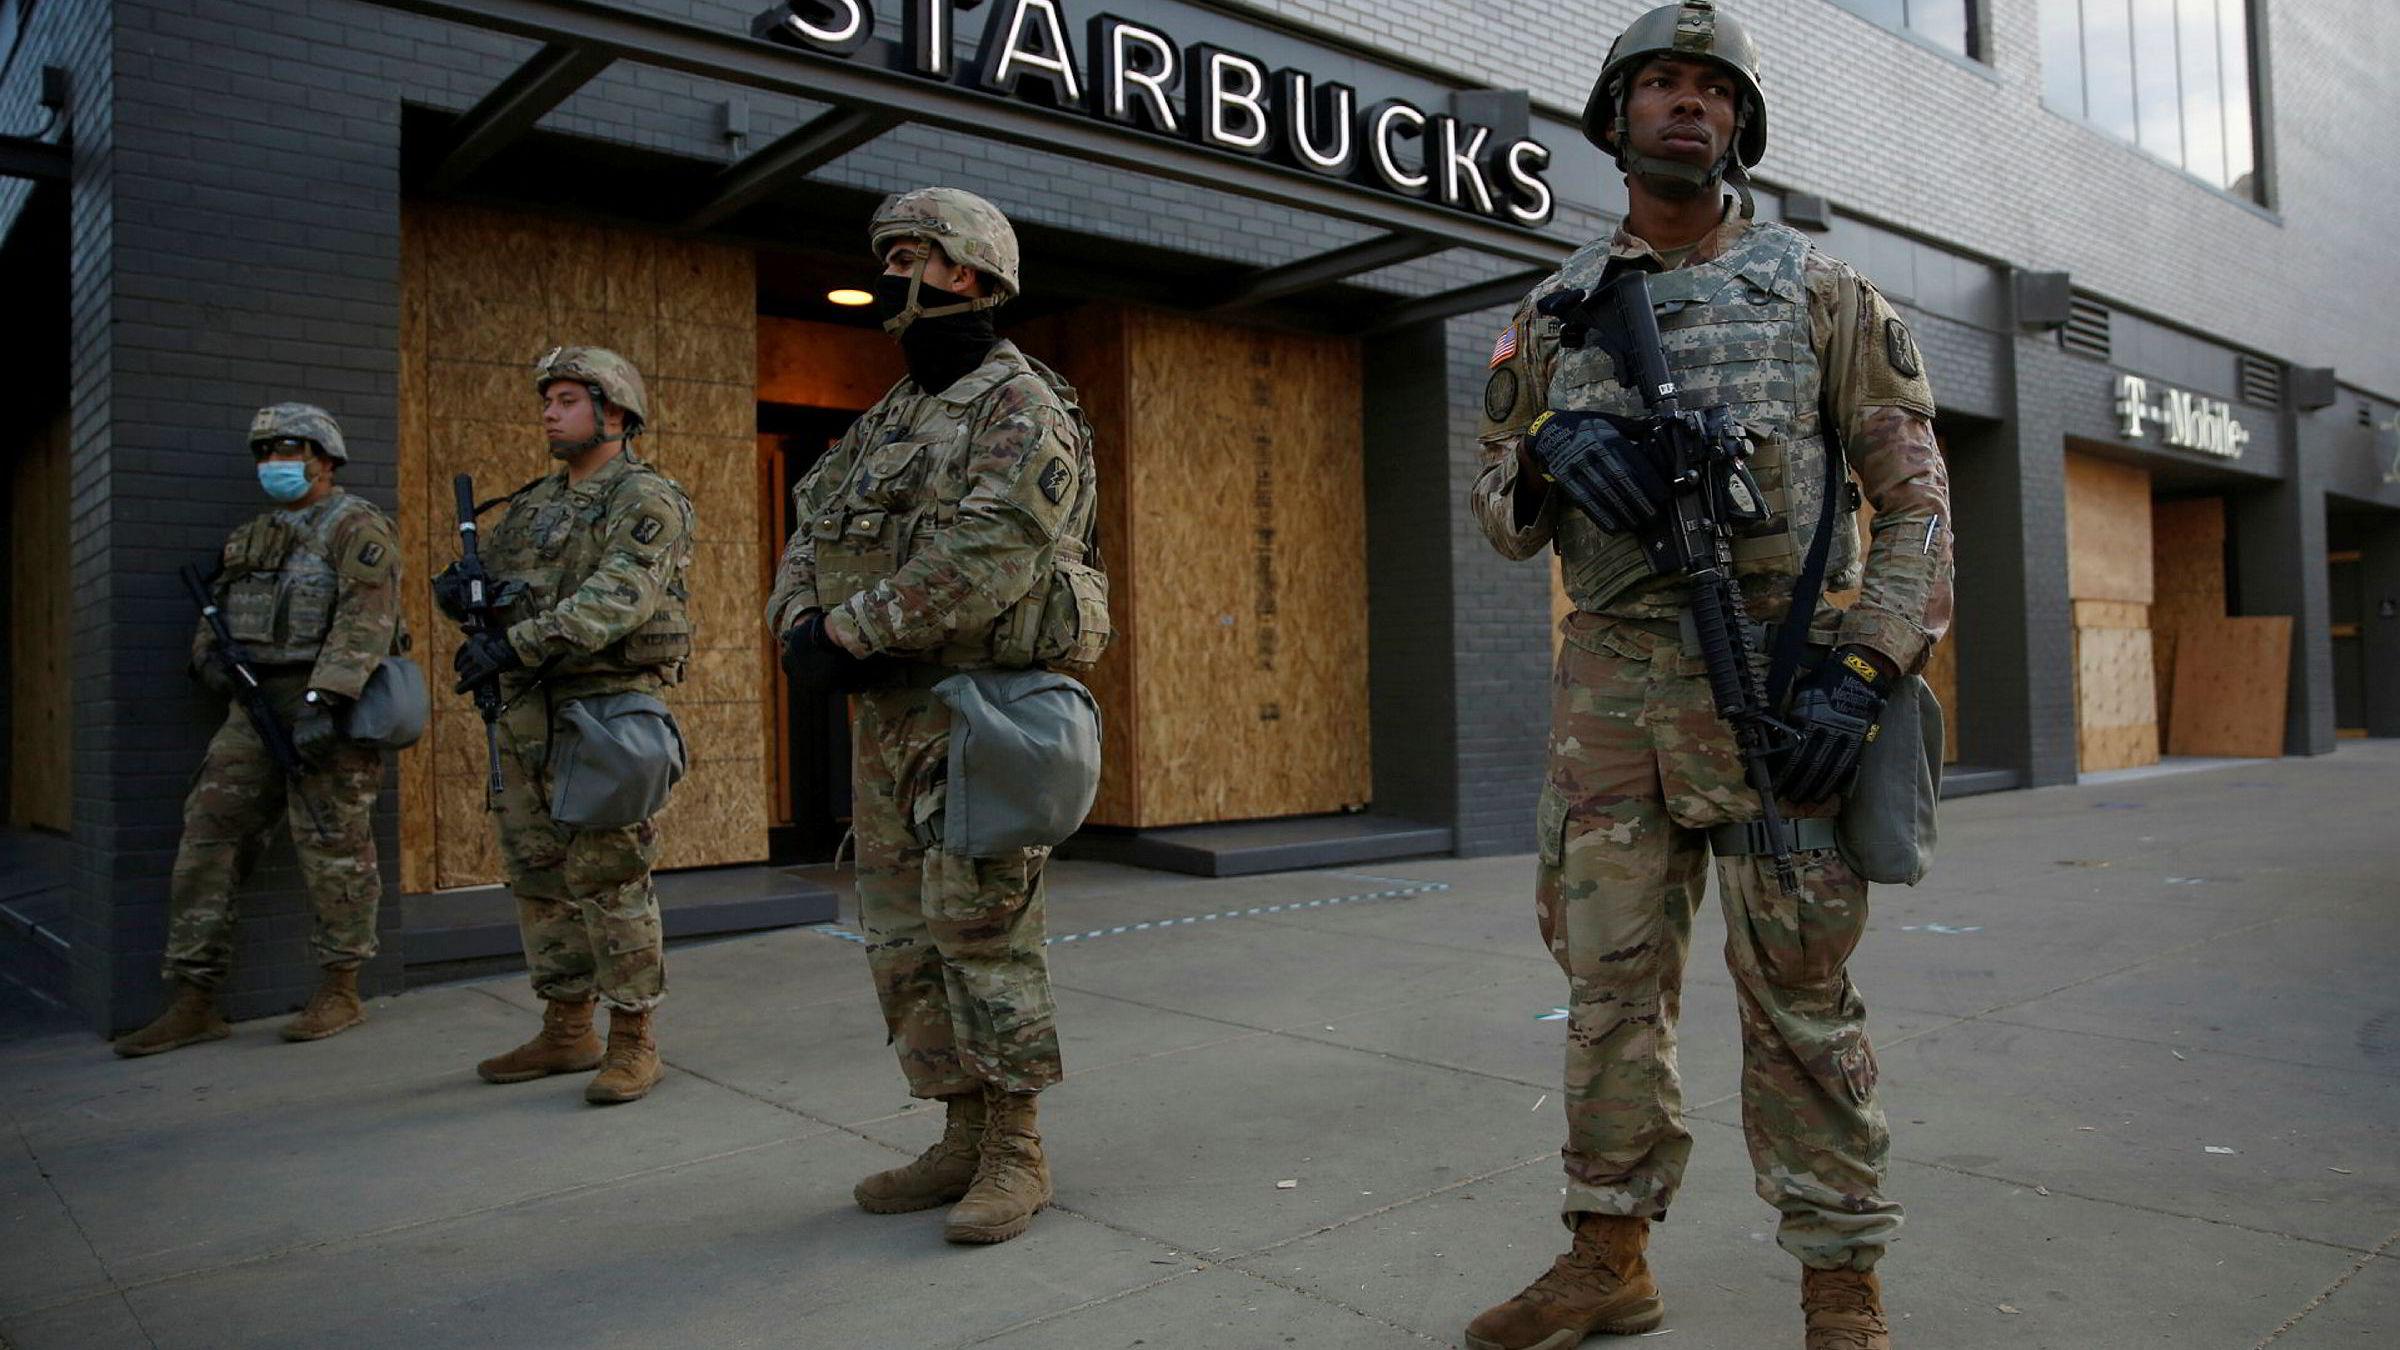 Medlemmer av nasjonalgarden i California står vakt i sentrum av Sacramento mandag. Guvernøren i delstaten Virginia på den andre siden av det amerikanske fastlandet nekter å sette inn delstatens nasjonalgarde i Washington, D.C., av frykt for hvordan den kan bli brukt.